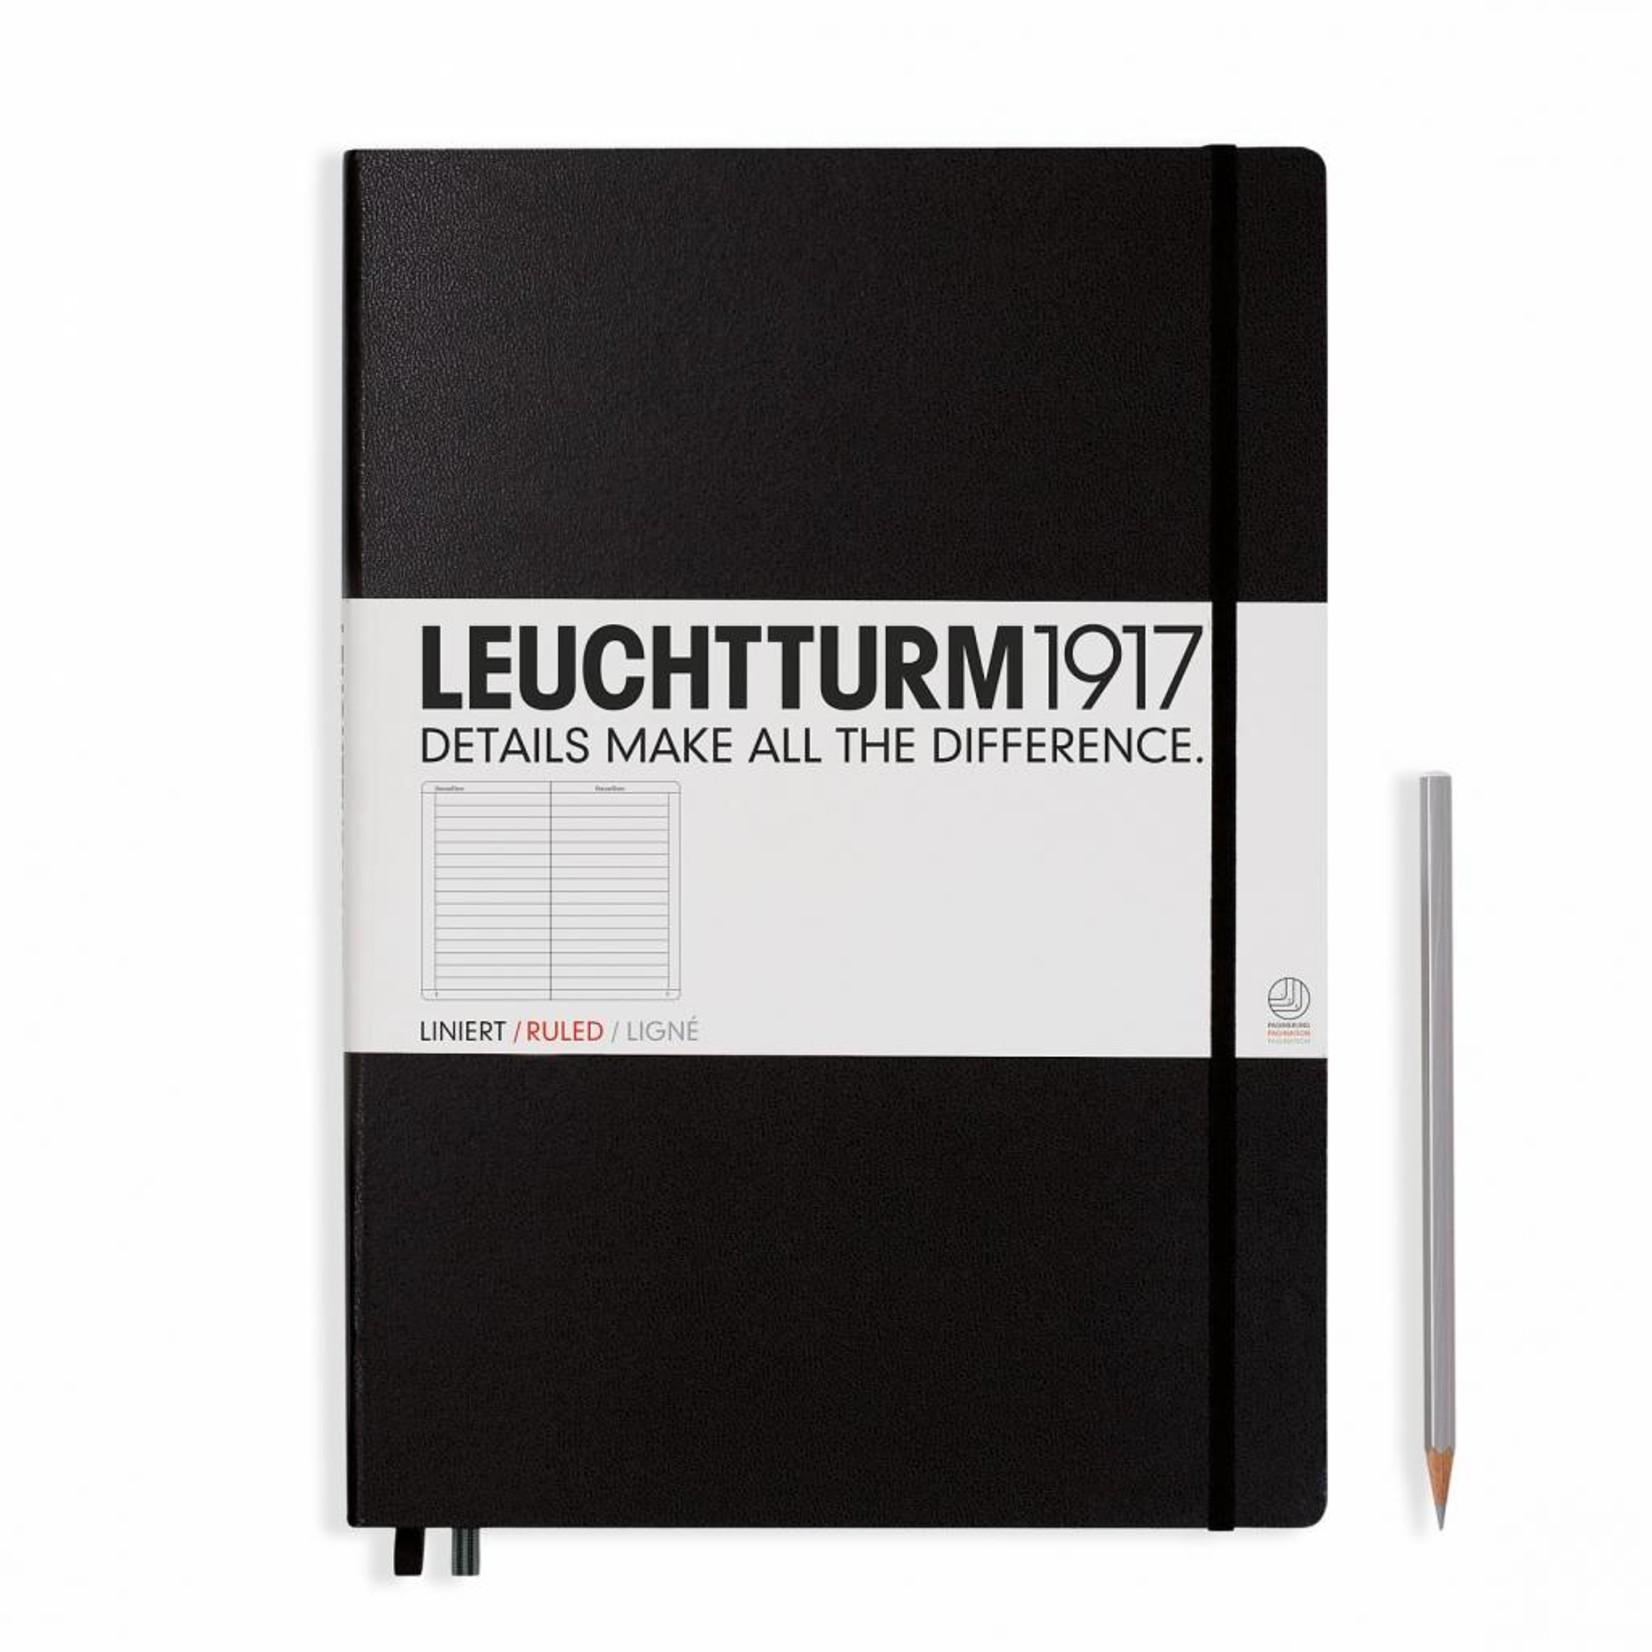 Leuchtturm1917 Leuchtturm1917 Notizbuch, Master Classic, Schwarz, Liniert